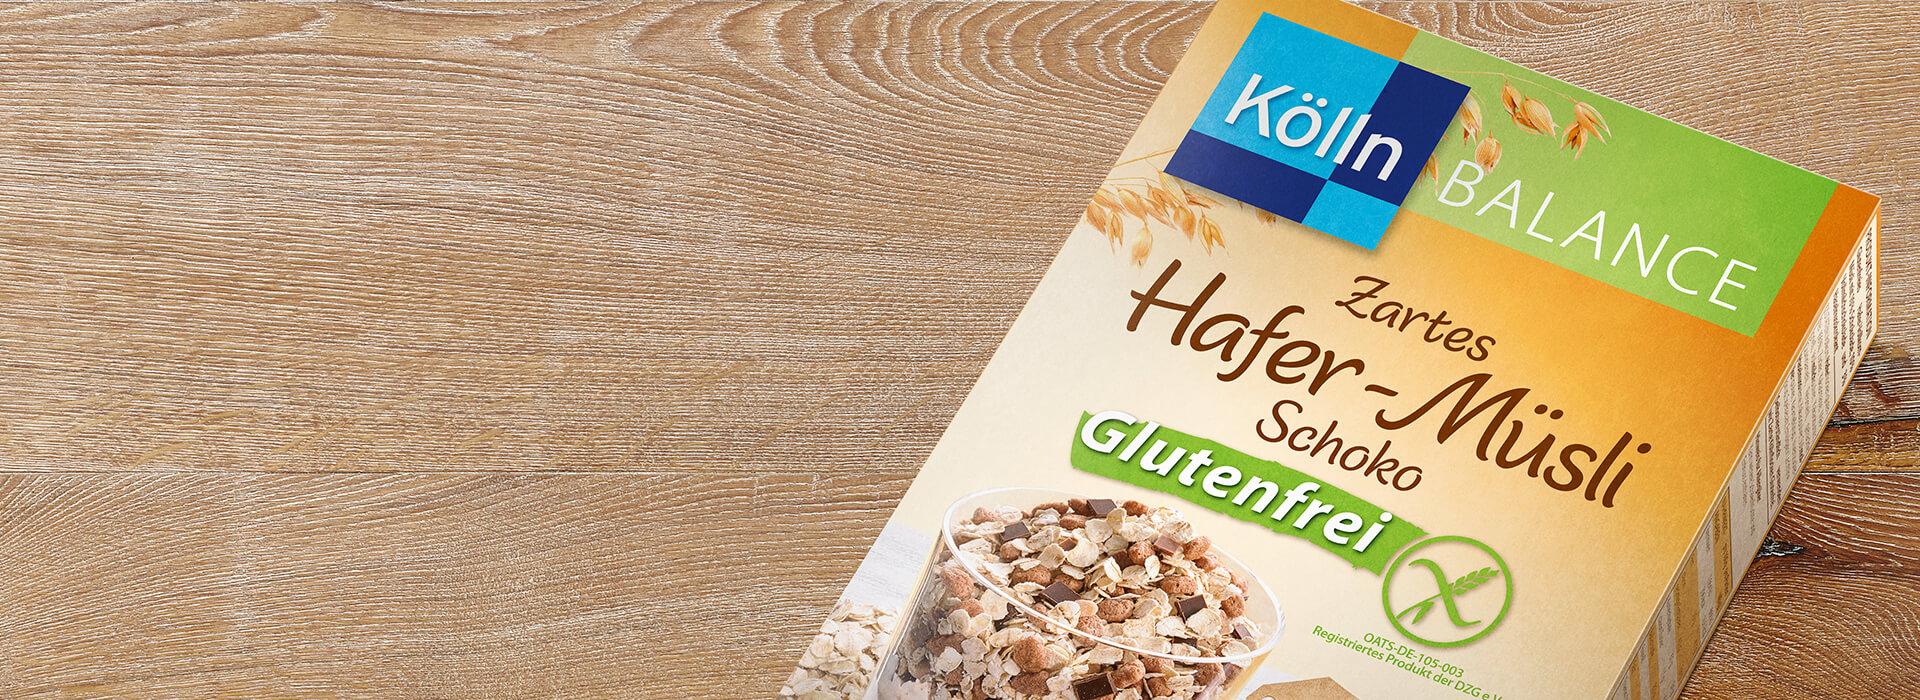 Glutenfreies Schoko Müsli